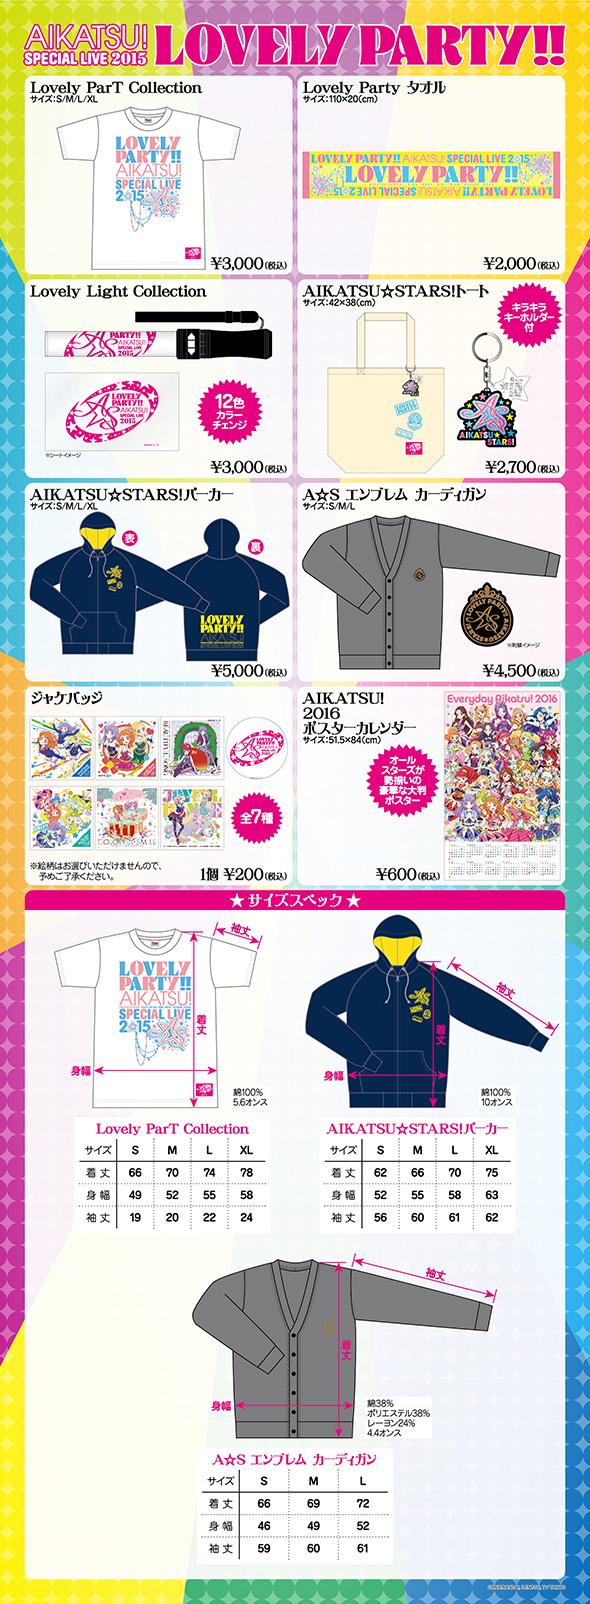 151112001-goods.jpg